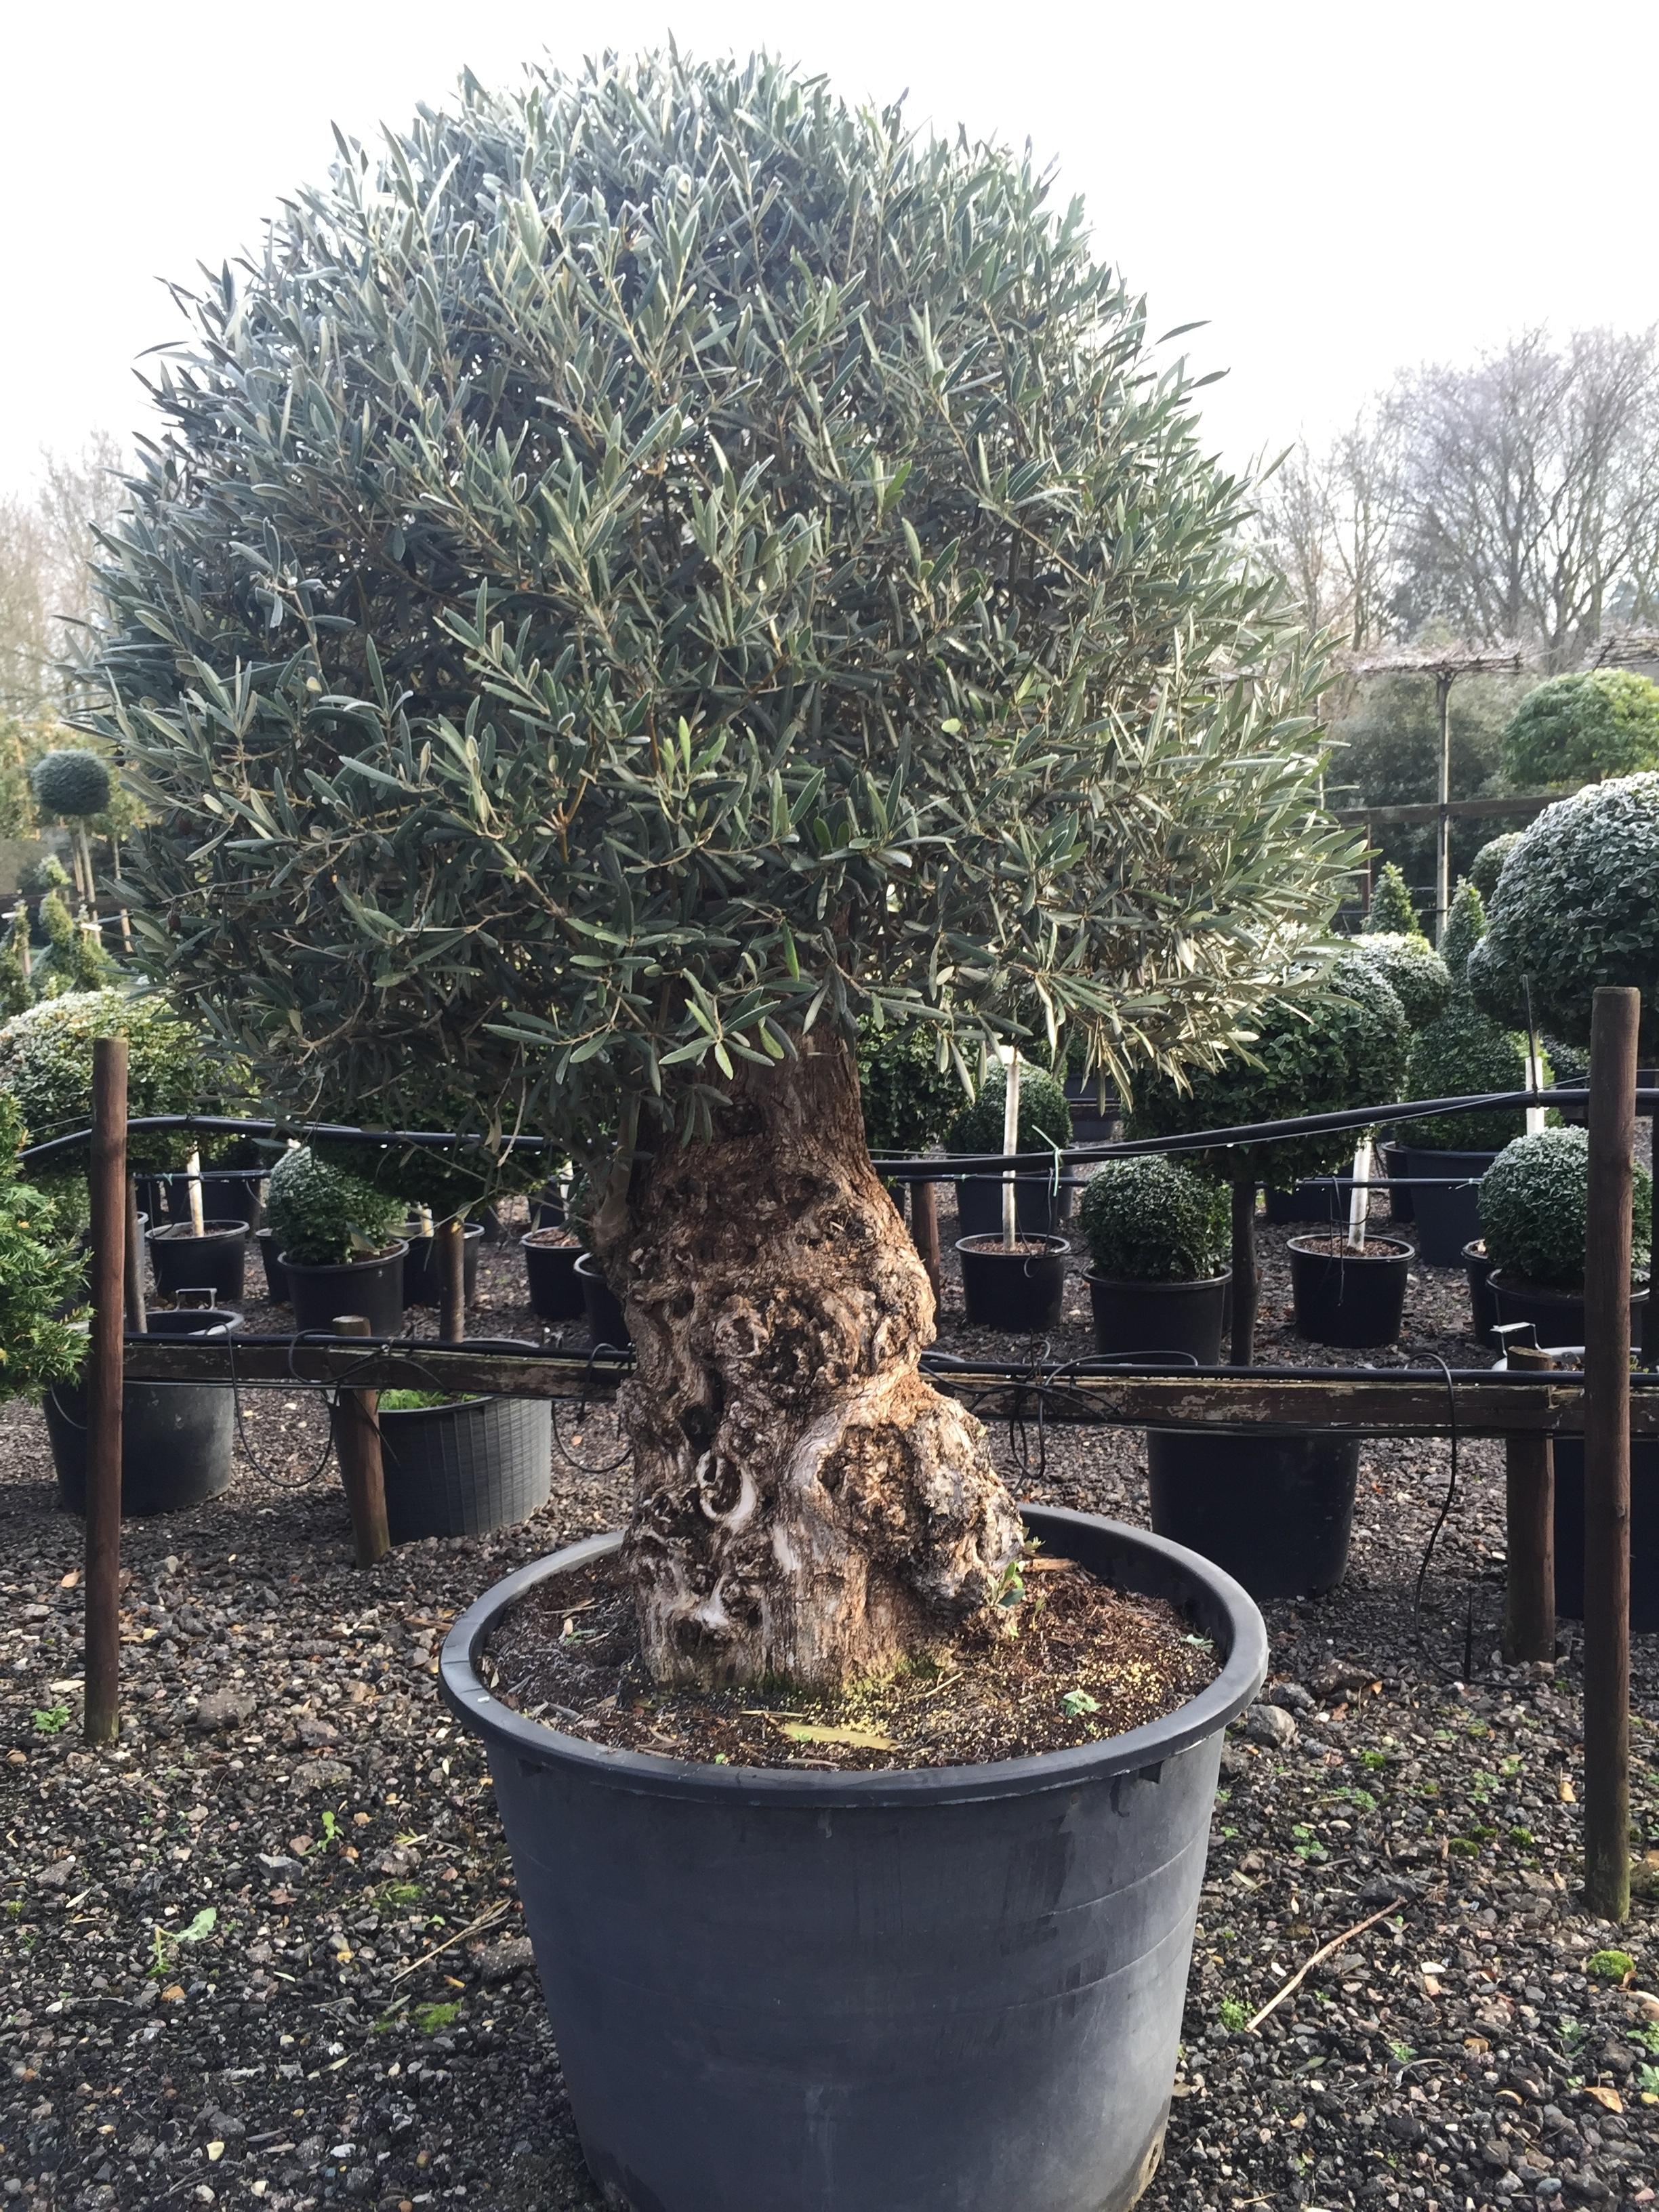 Topiary Standard Topiary Lollipop Crown Topiary Topiary Trees Uk London